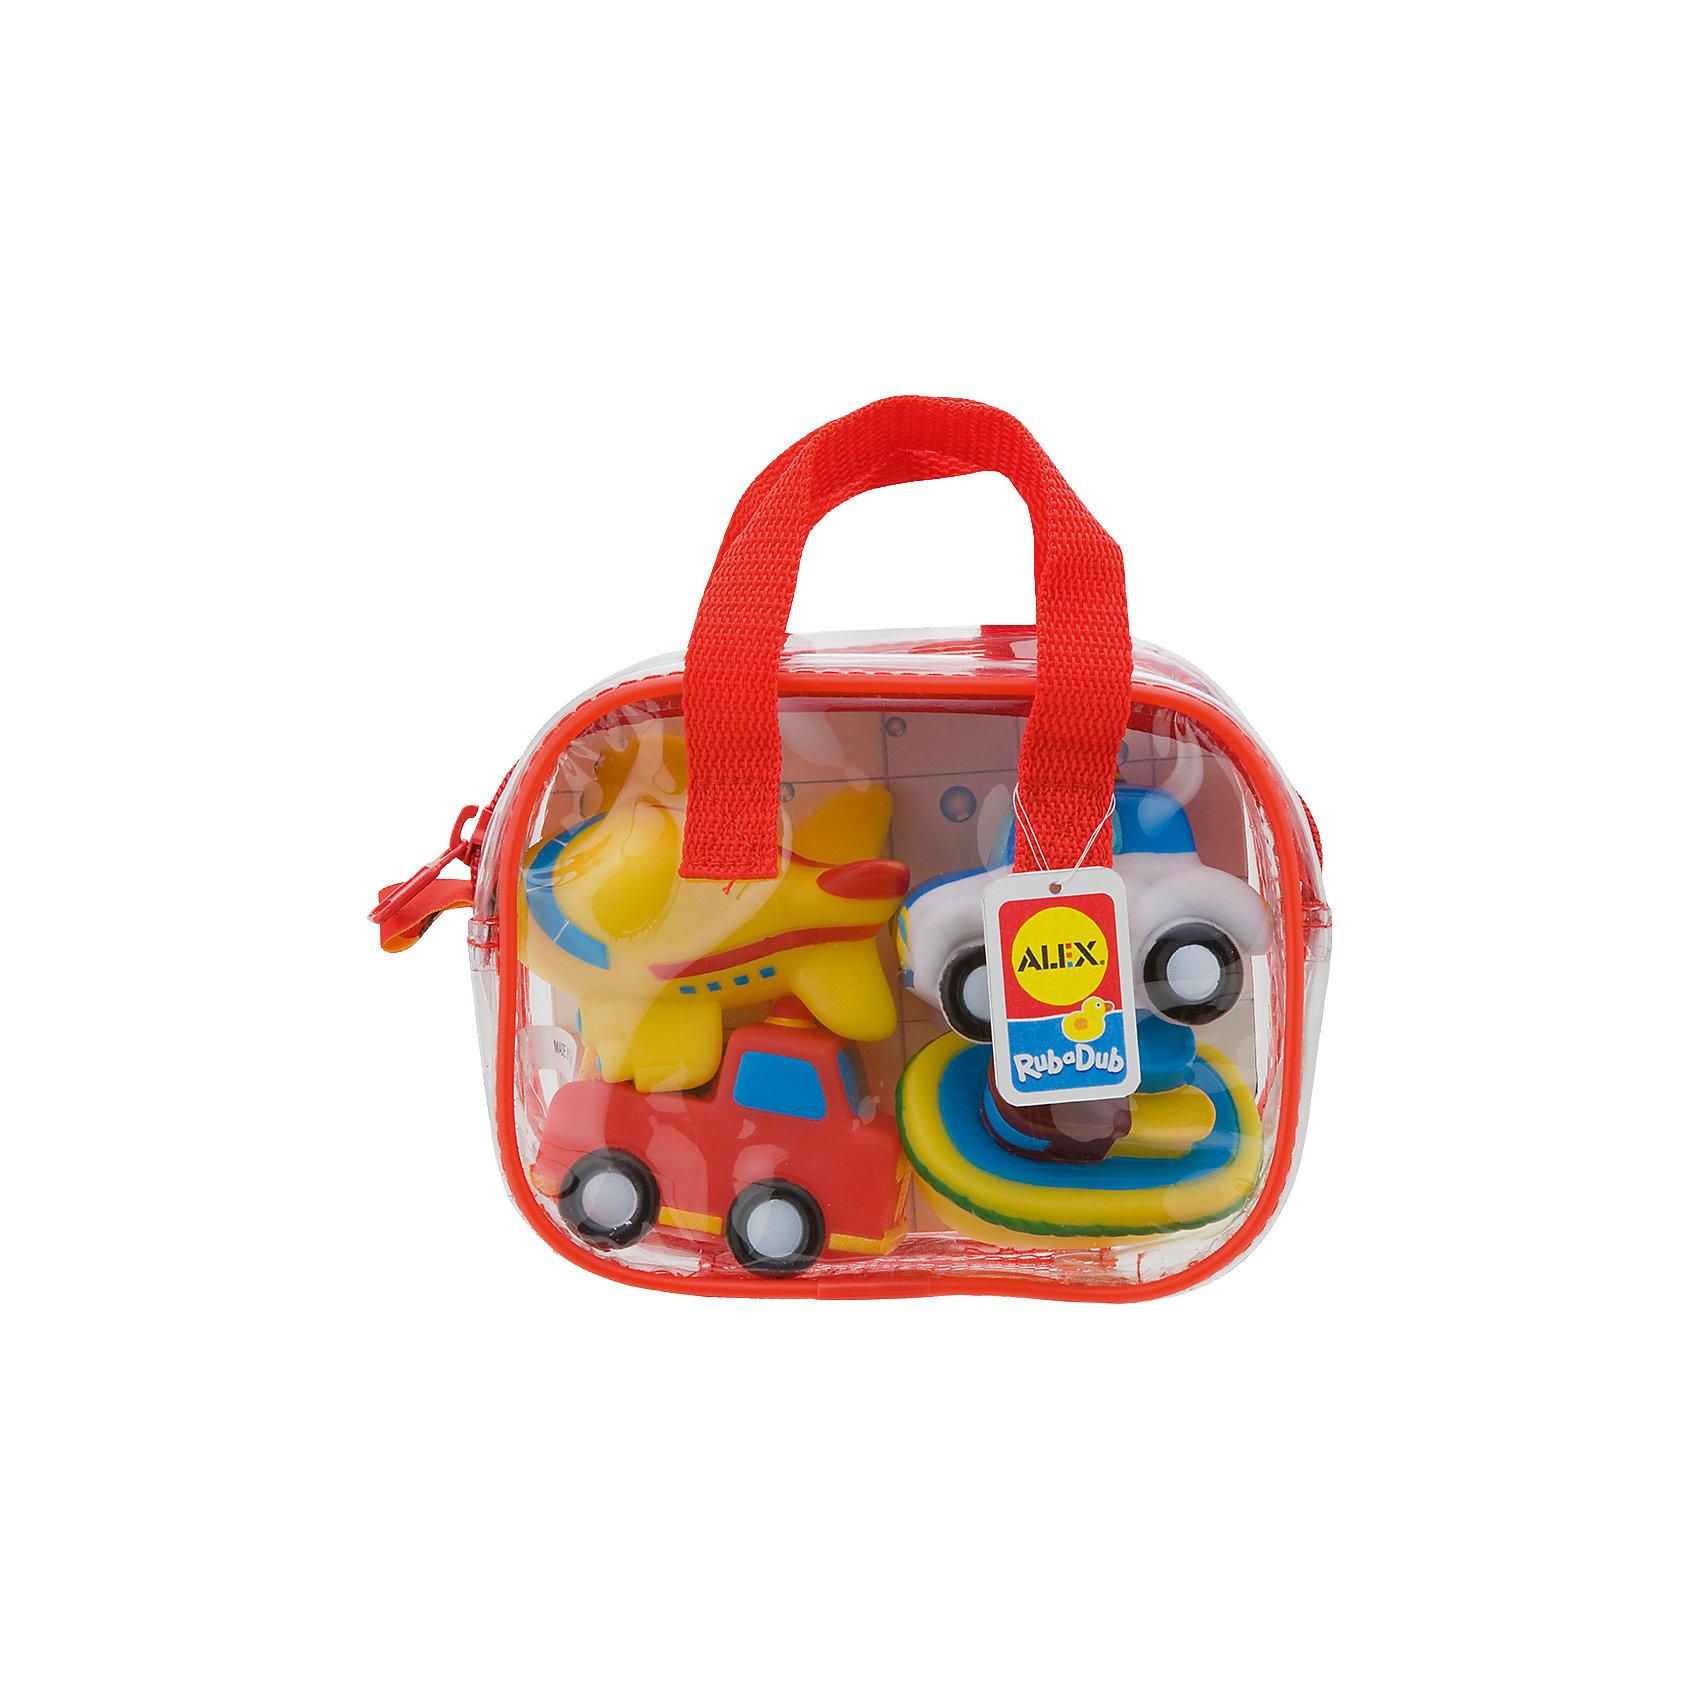 Игрушки для ванной ТранспортИгрушки для ванны Транспорт замечательная игра для ванной. <br>Яркие игрушки для ванной из набора Транспорт станут отличным развлечением для вашего малыша!<br>В наборе 4 веселые разноцветные игрушки брызгалки: самолетик, пароход, пожарная машинка, полицейская машинка. Плавают в воде. Их удобно хранить в пластиковой сумке на молнии, с ручками.<br><br>Дополнительная информация:<br>- Материал: резина<br>- Размеры упаковки: 70х160х125 см<br>- Вес: 223 г.<br><br>Игрушка для ванной Транспорт станет отличным подарком для Вашего ребенка.<br><br>Игрушку для ванной Транспорт можно купить в нашем интернет-магазине.<br><br>Ширина мм: 181<br>Глубина мм: 137<br>Высота мм: 71<br>Вес г: 166<br>Возраст от месяцев: 12<br>Возраст до месяцев: 36<br>Пол: Унисекс<br>Возраст: Детский<br>SKU: 2422325